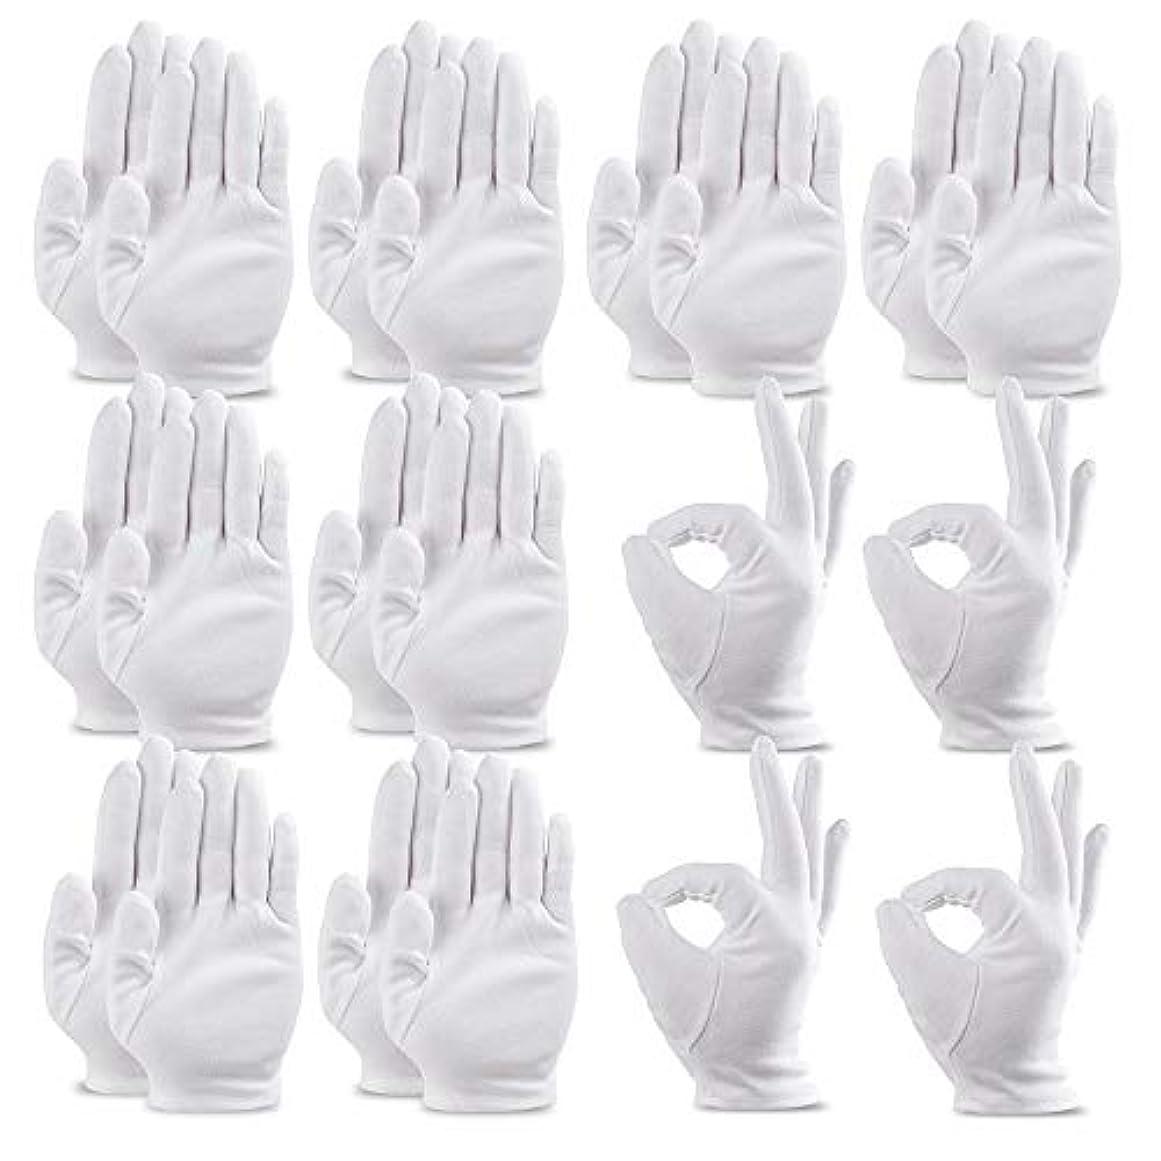 くしゃくしゃ騙す毎年20枚入手袋 綿手袋 乾燥肌用 湿疹用 保湿用 コットン手袋 インナーコットン 手荒れ イズ